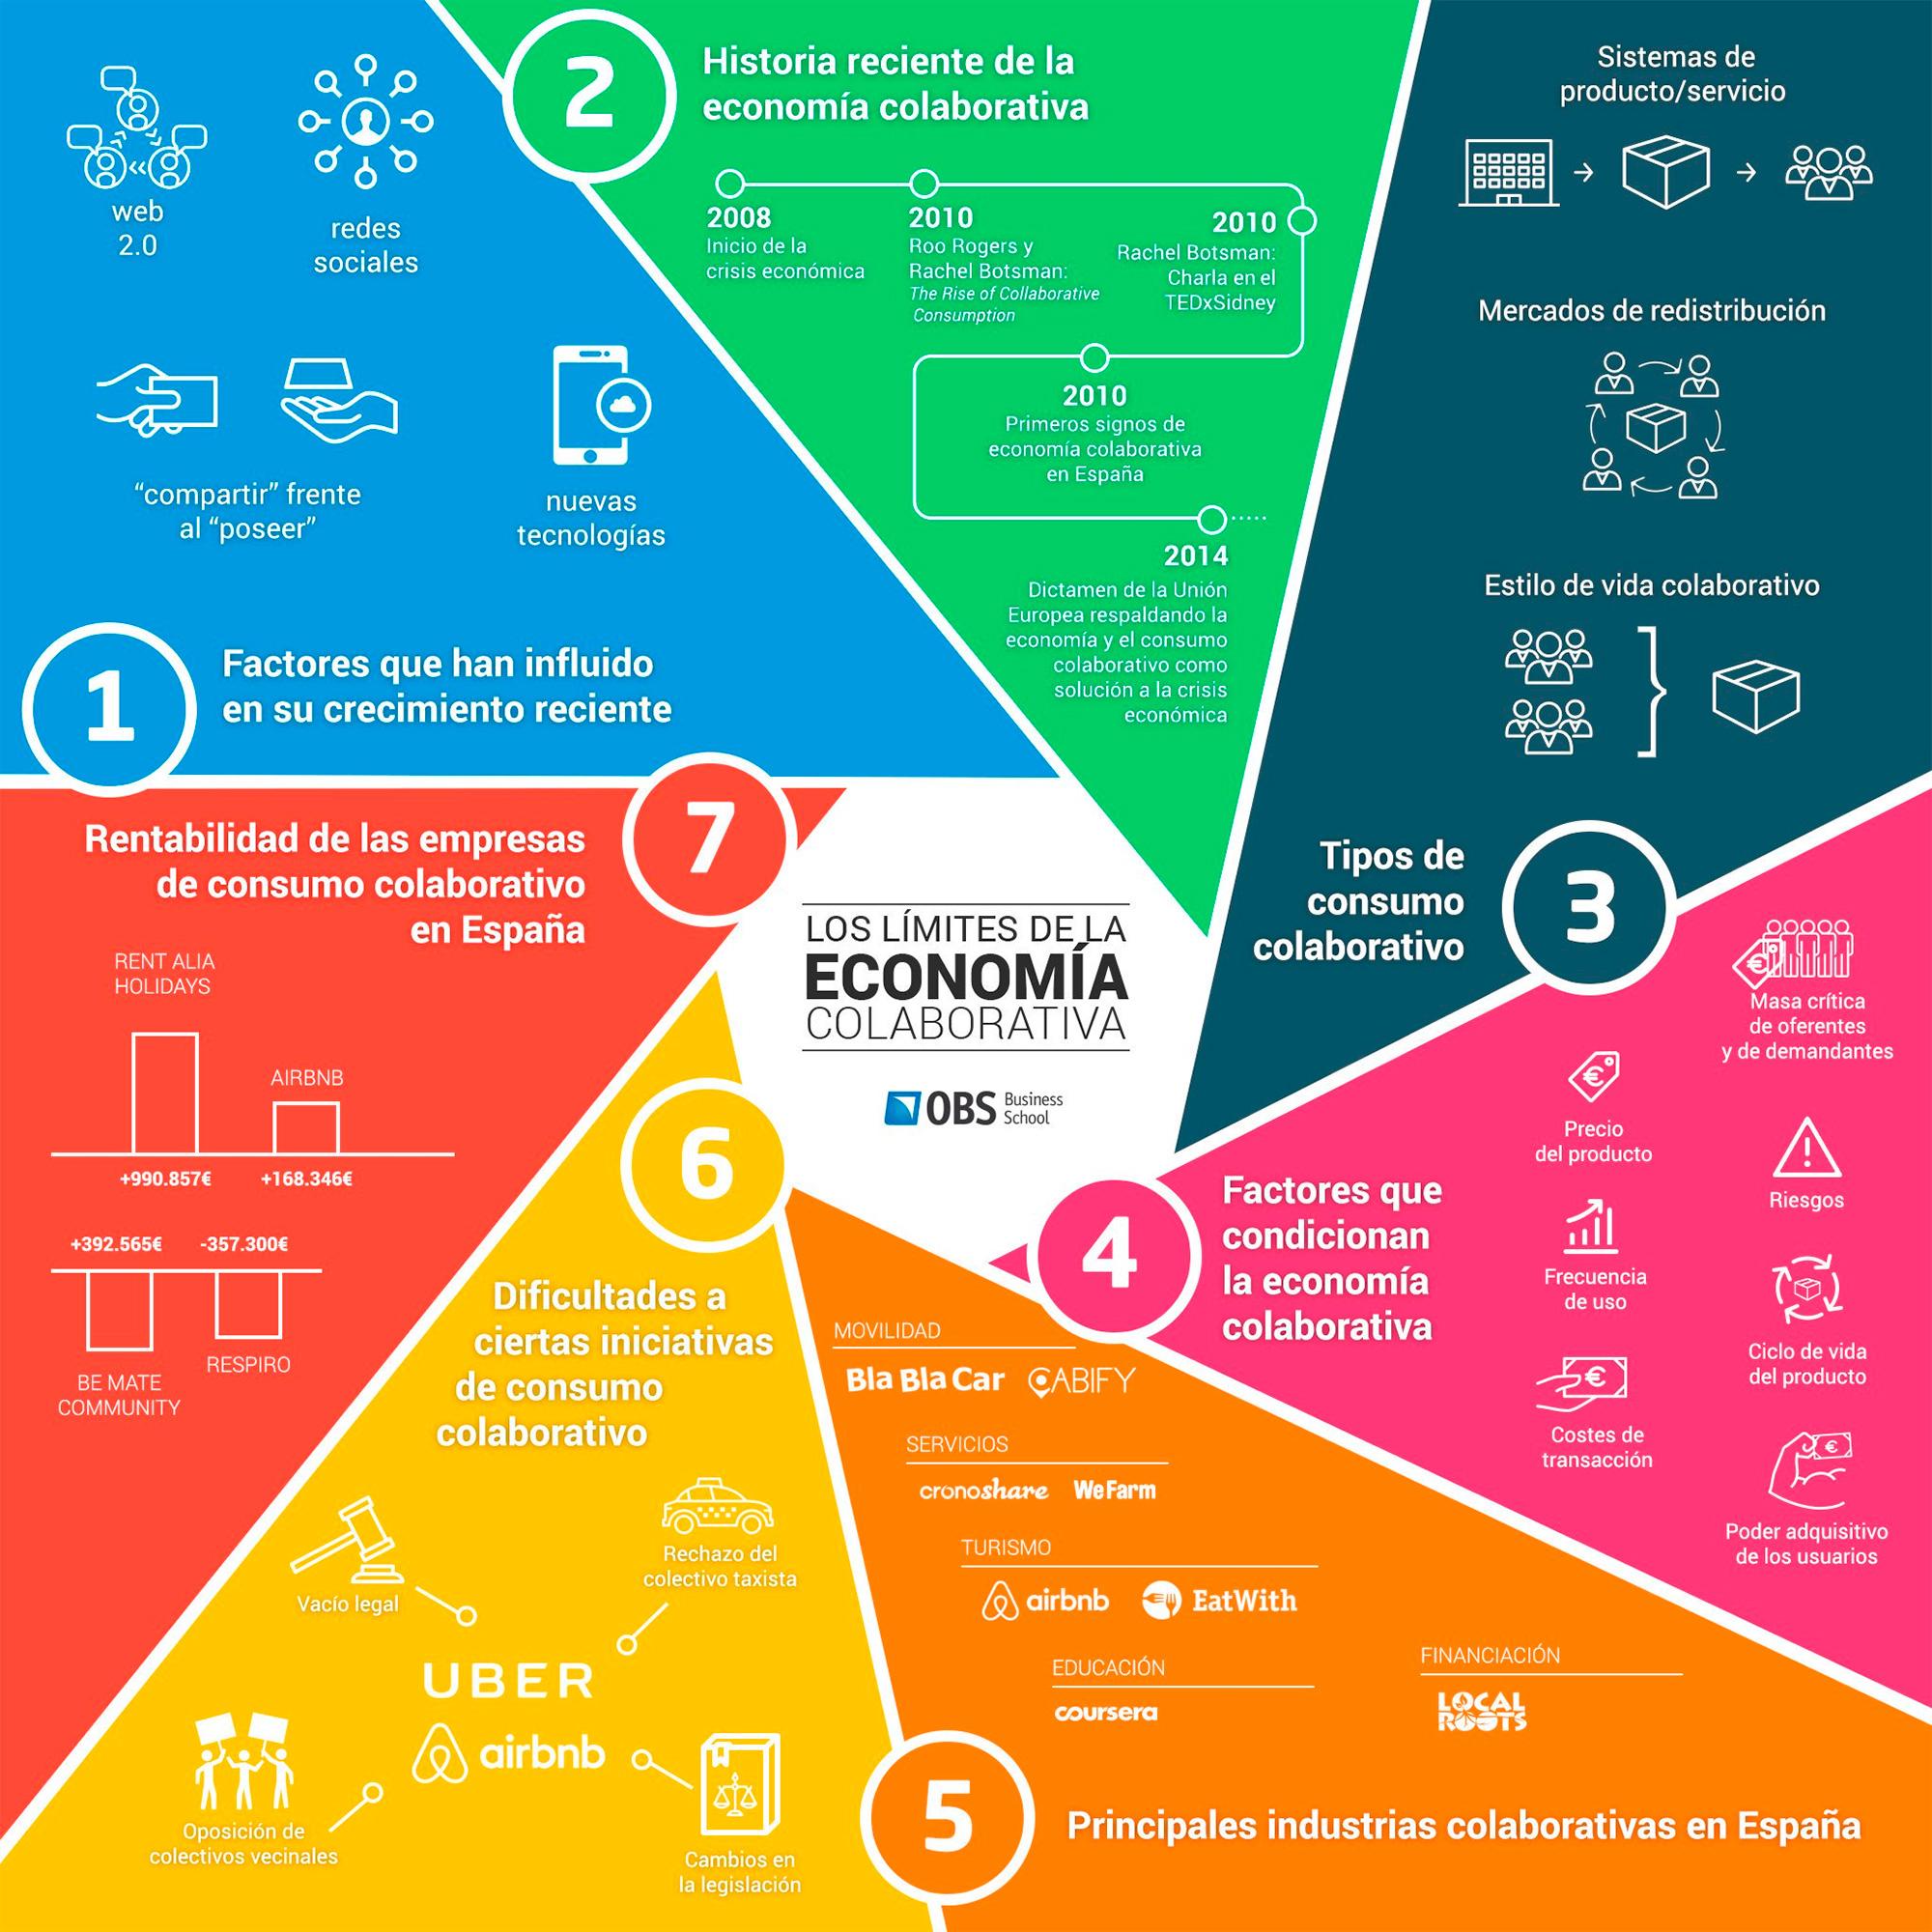 Límites de la economía colaborativa